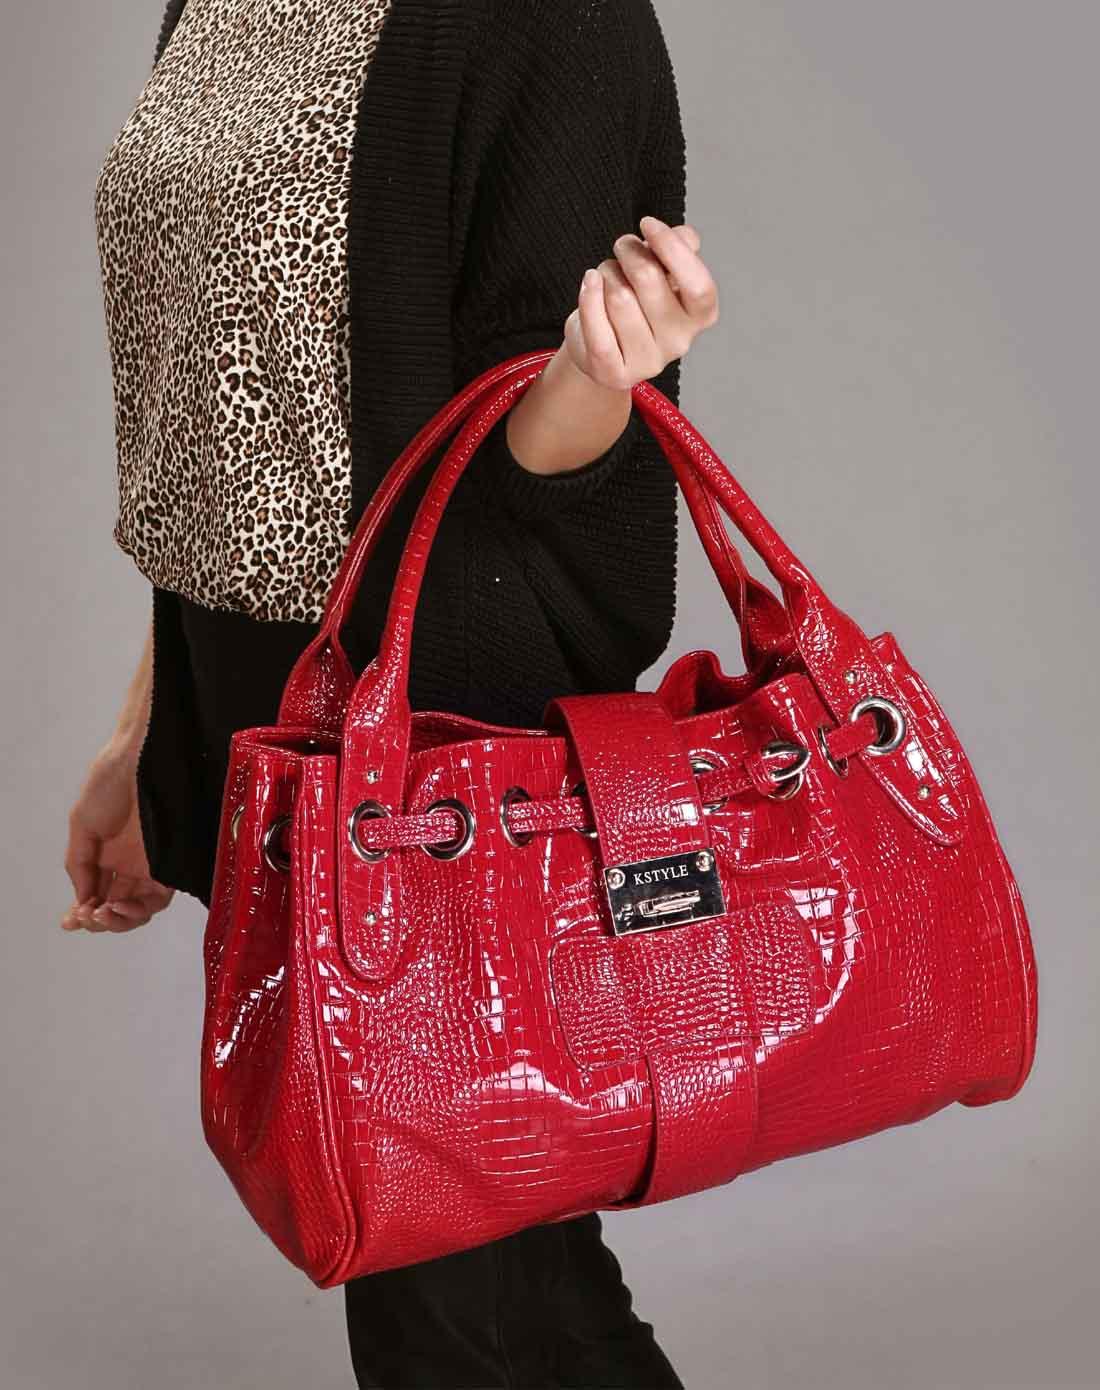 凯丝莱尔k style红色欧美亮皮鳄鱼纹手拎单肩女包